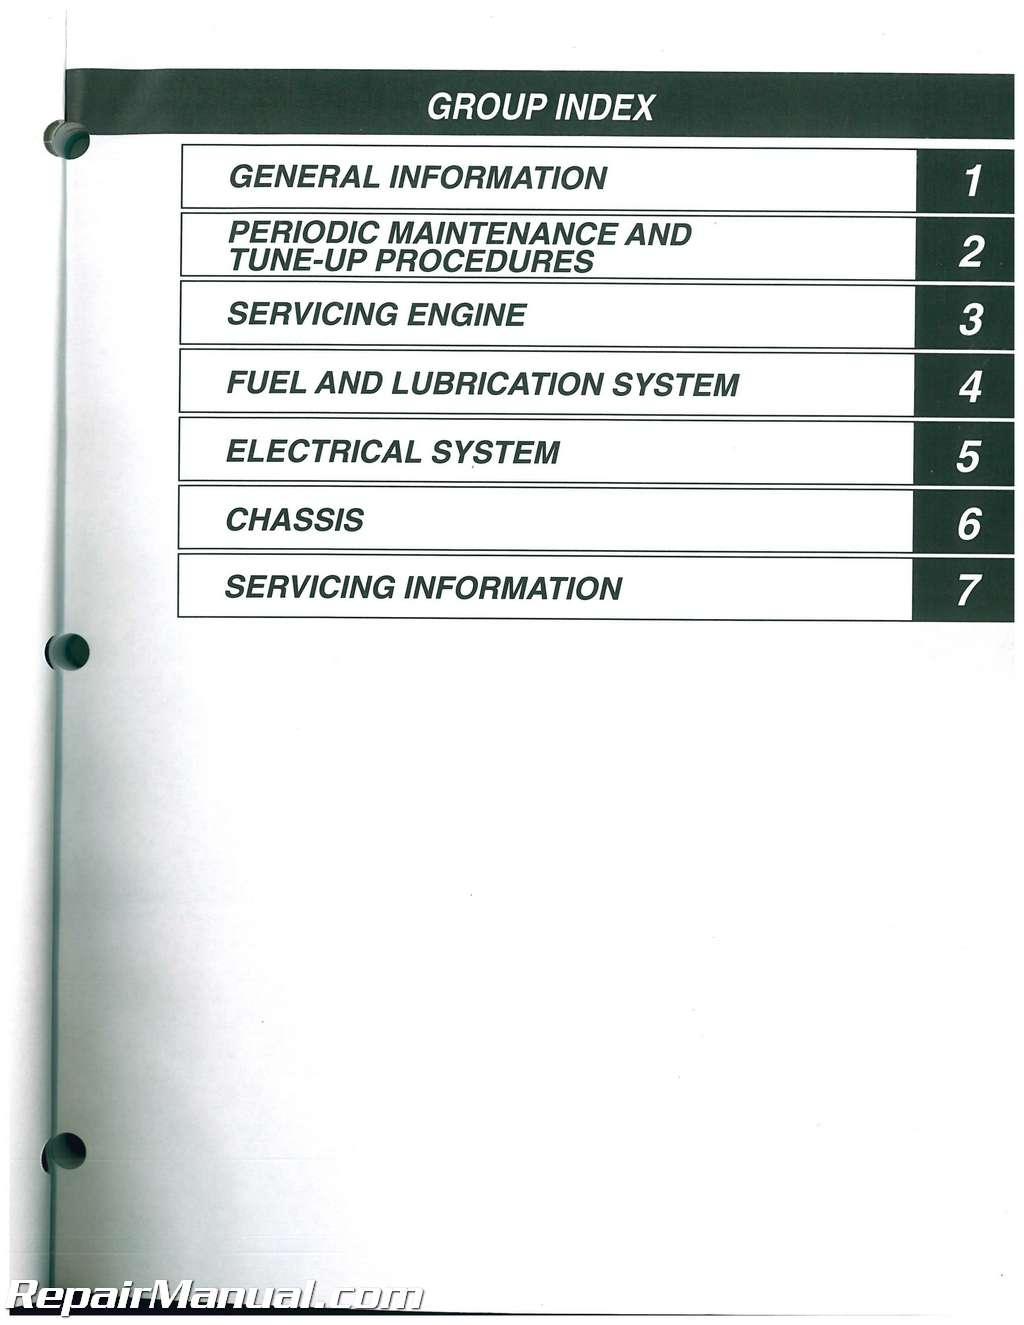 Suzuki Dr 100 Wiring Diagram Complete Diagrams Grand Vitara 1983 1990 Dr100 Sp100 Motorcycle Service Manual Rh Repairmanual Com Harness